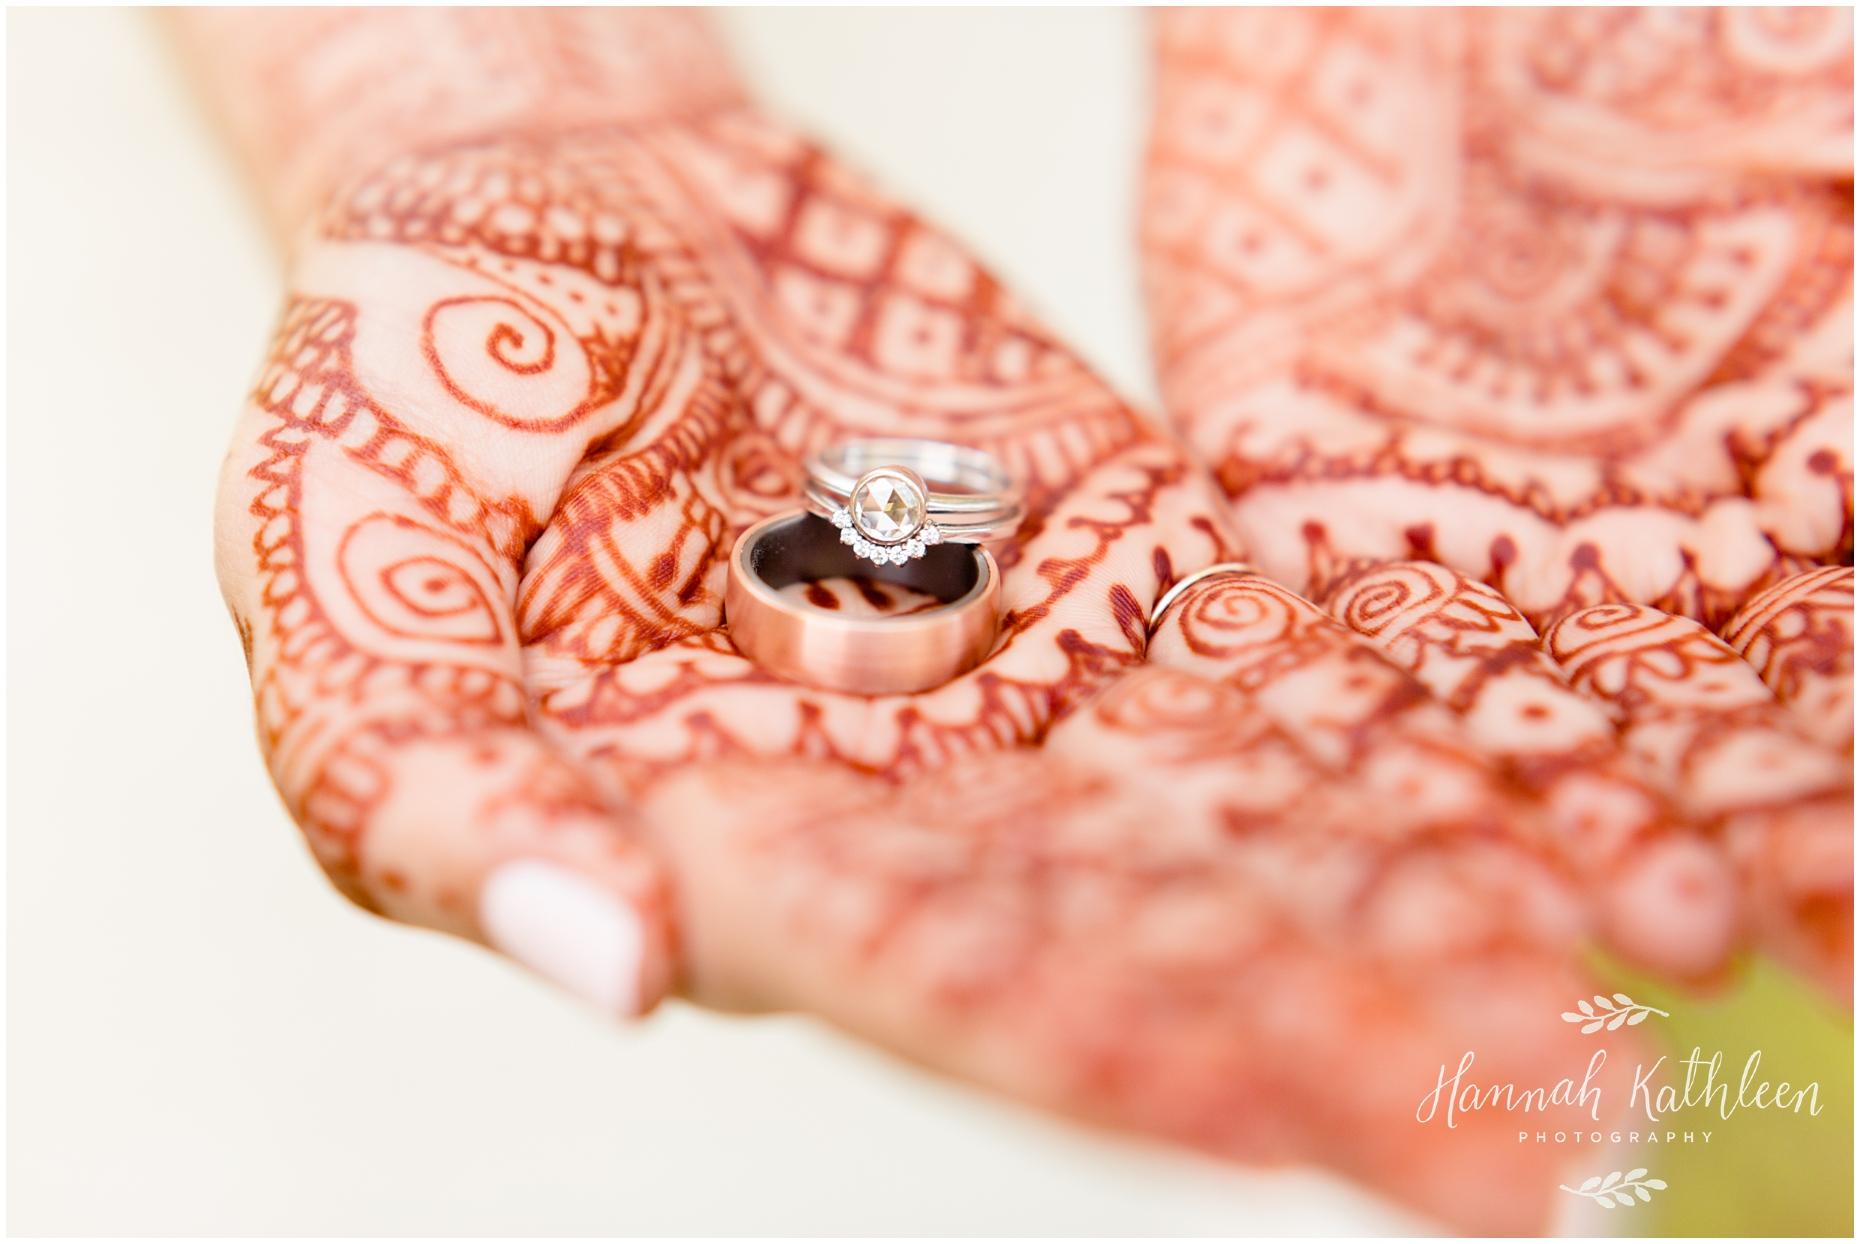 Aneeth_Jessica_Small_Intimate_Wedding_Photography_Buffalo_NY